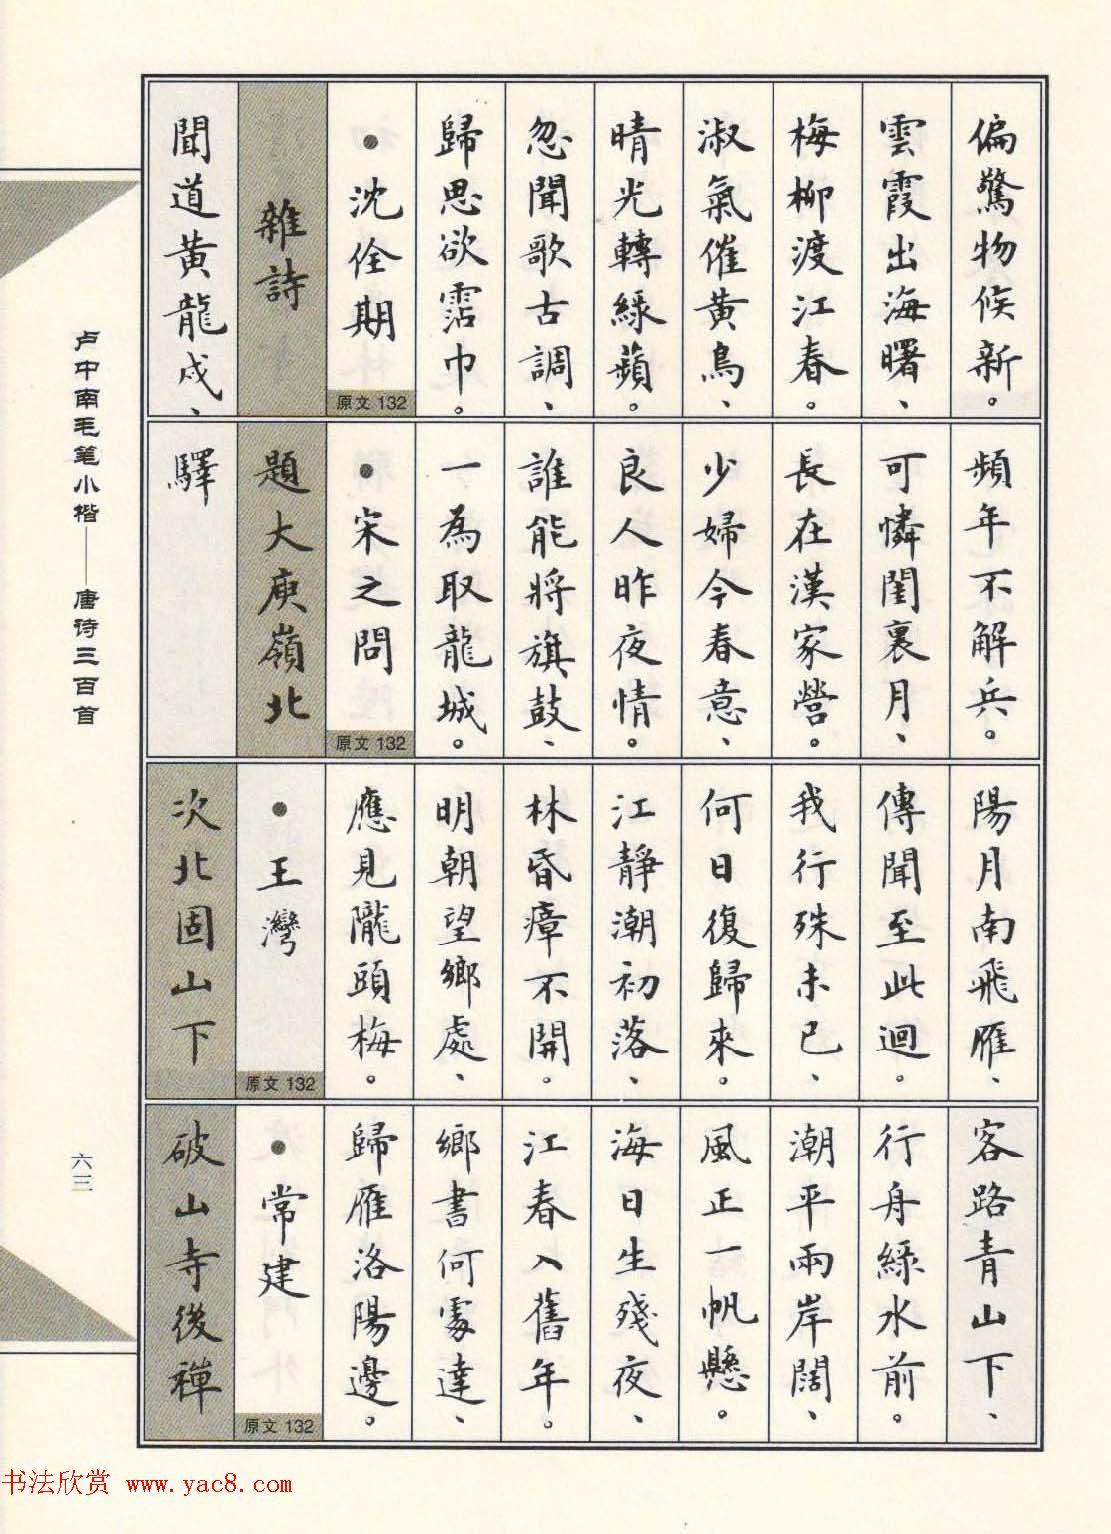 卢中南毛笔小楷字帖欣赏《唐诗三百首》(16)图片